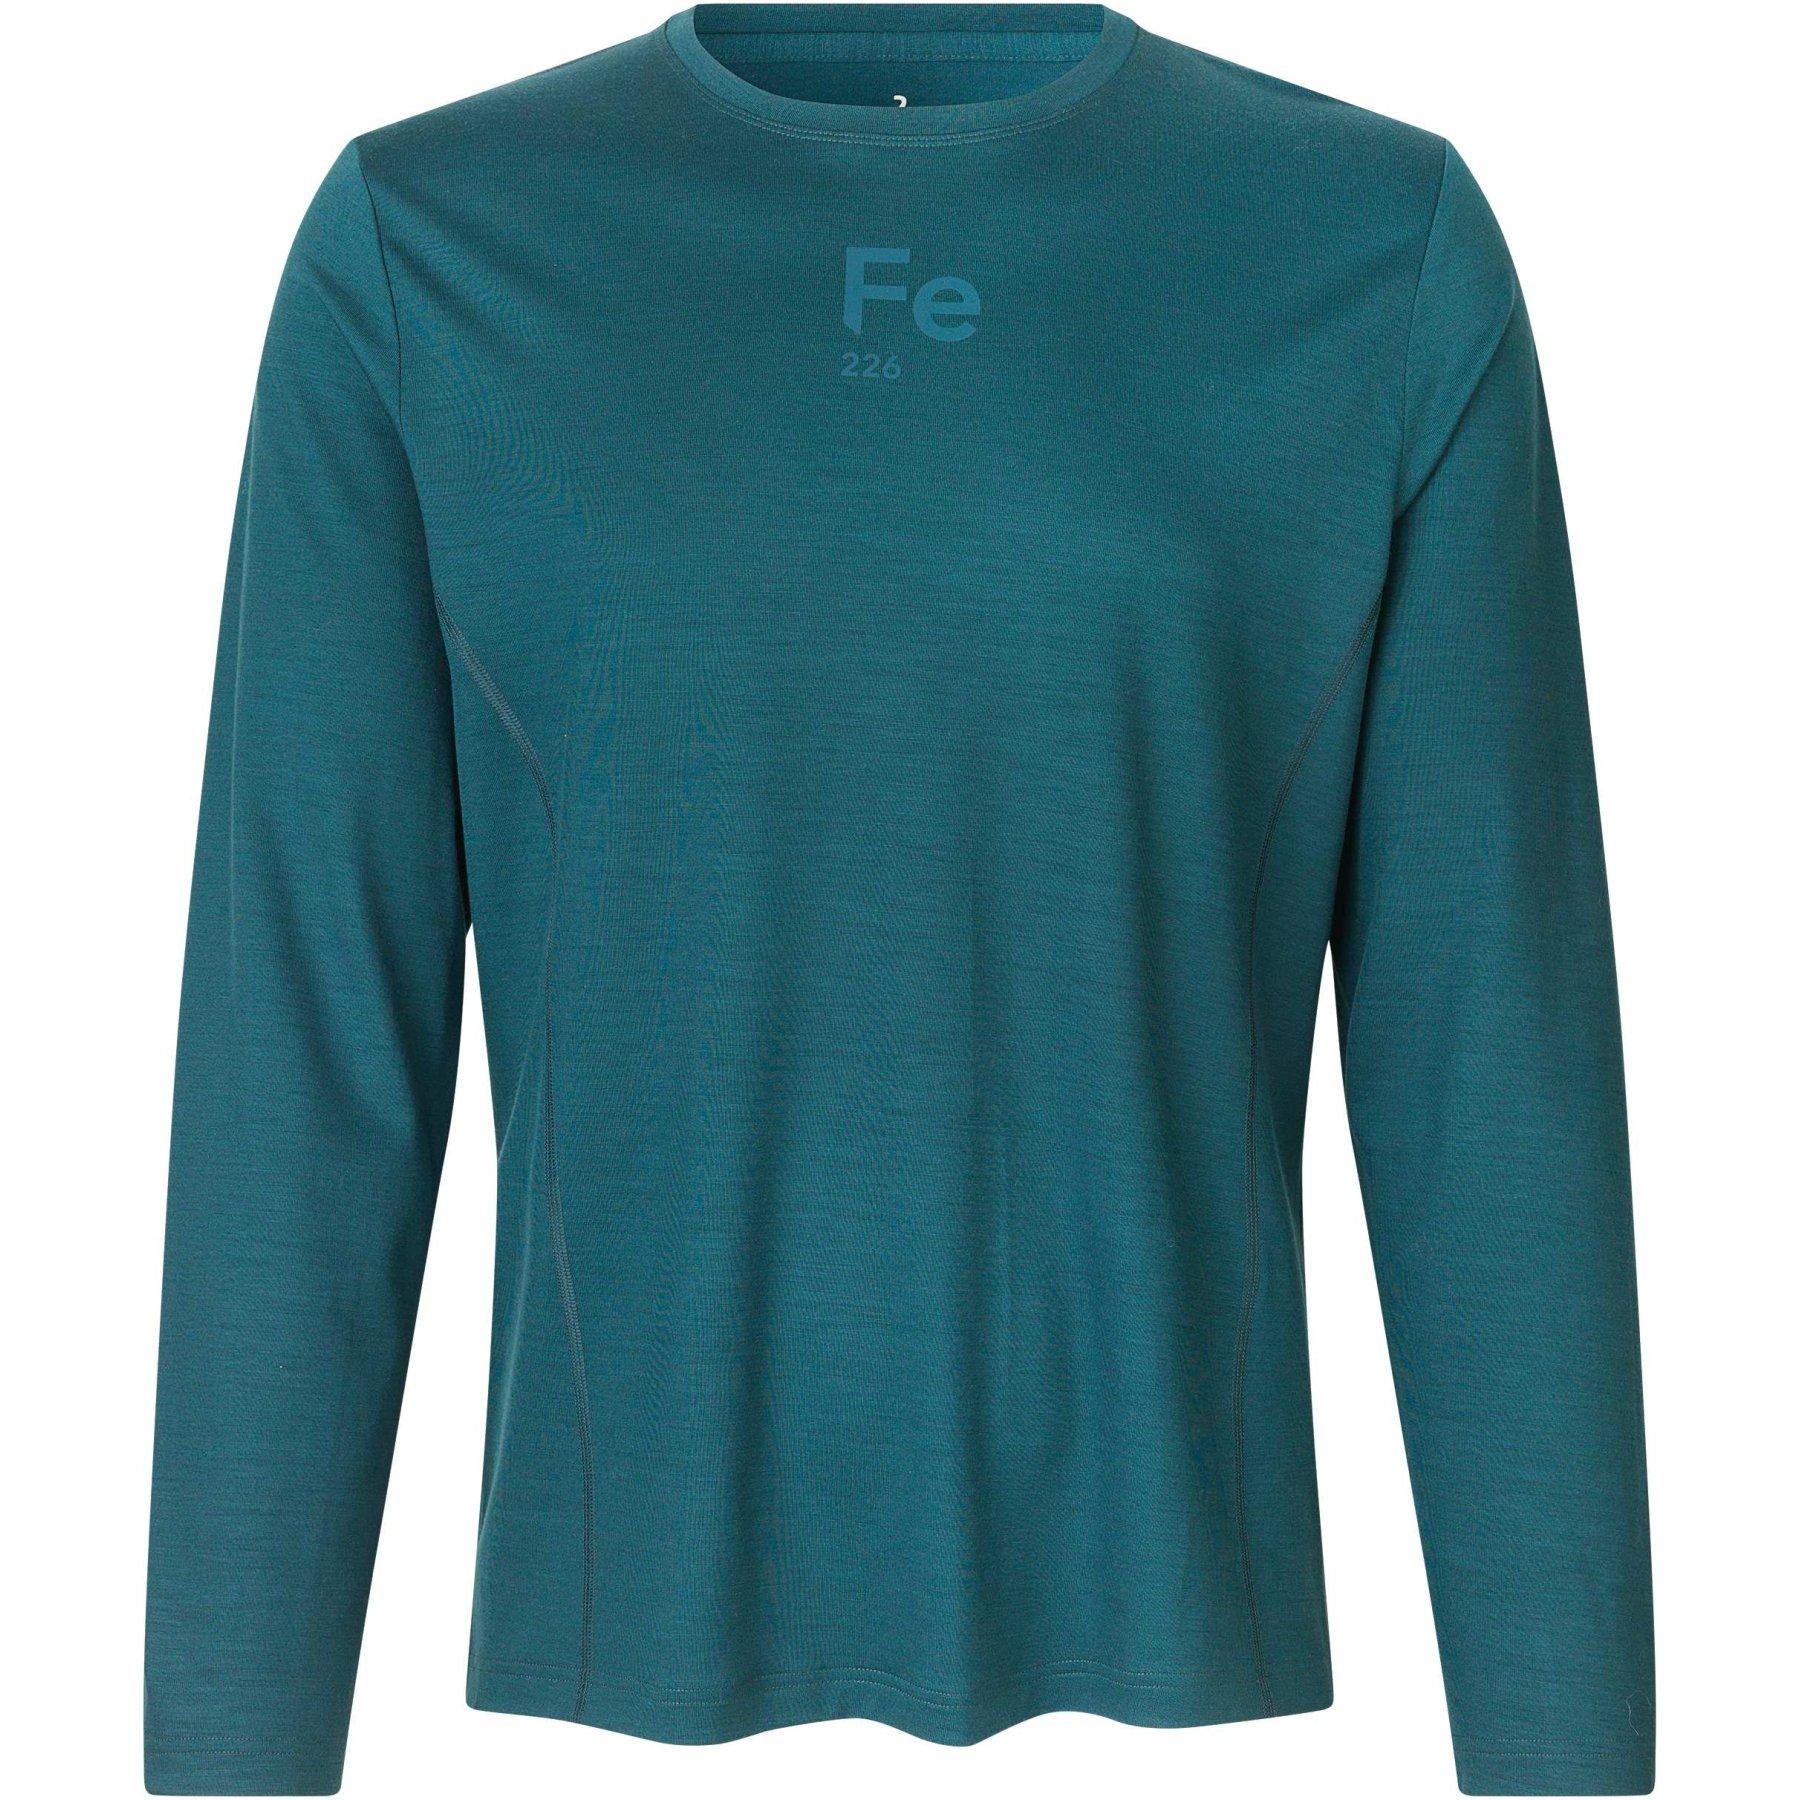 Produktbild von Fe226 Virgin Merino Wool T-Shirt Langarm - darkest green